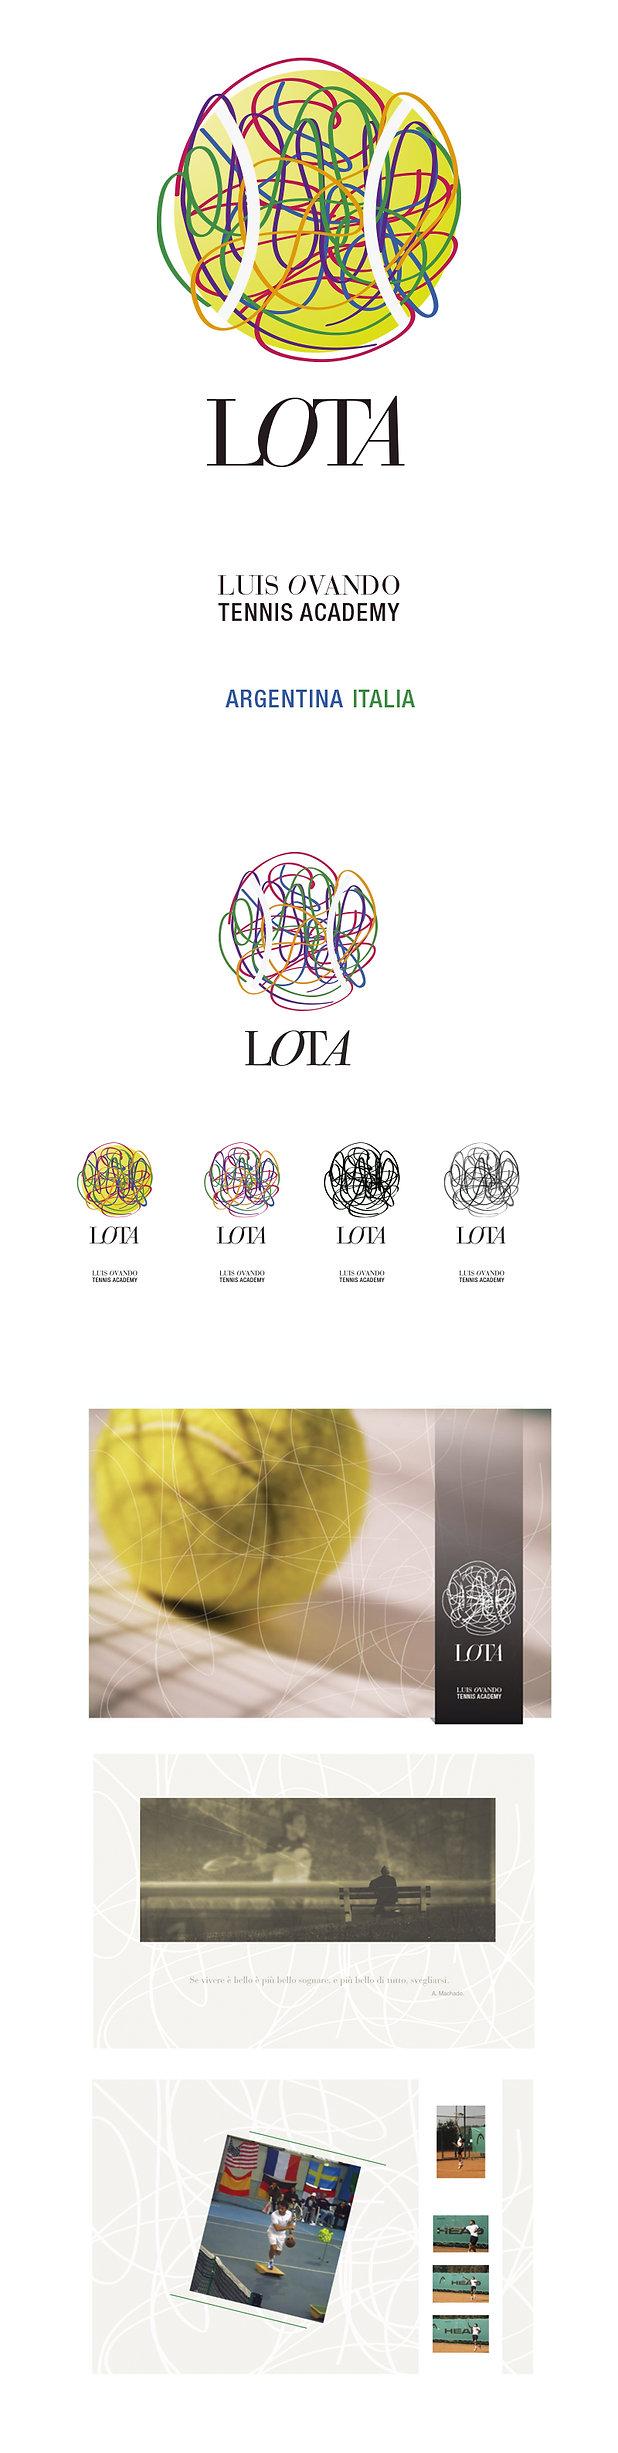 LotaWeb.jpg